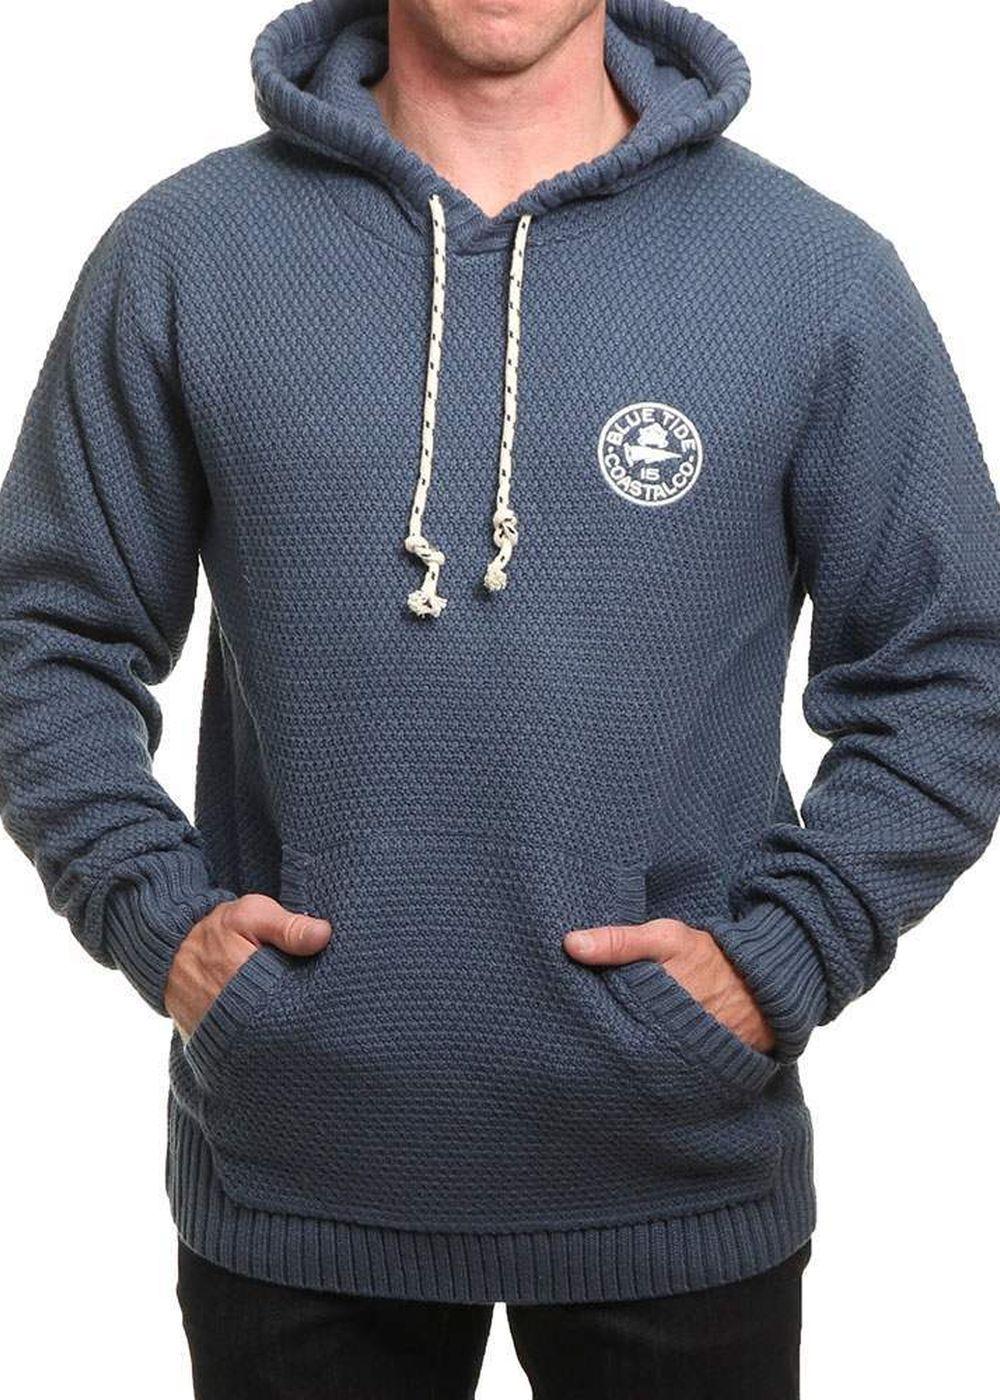 blue tide knitted pop hoody bering sea